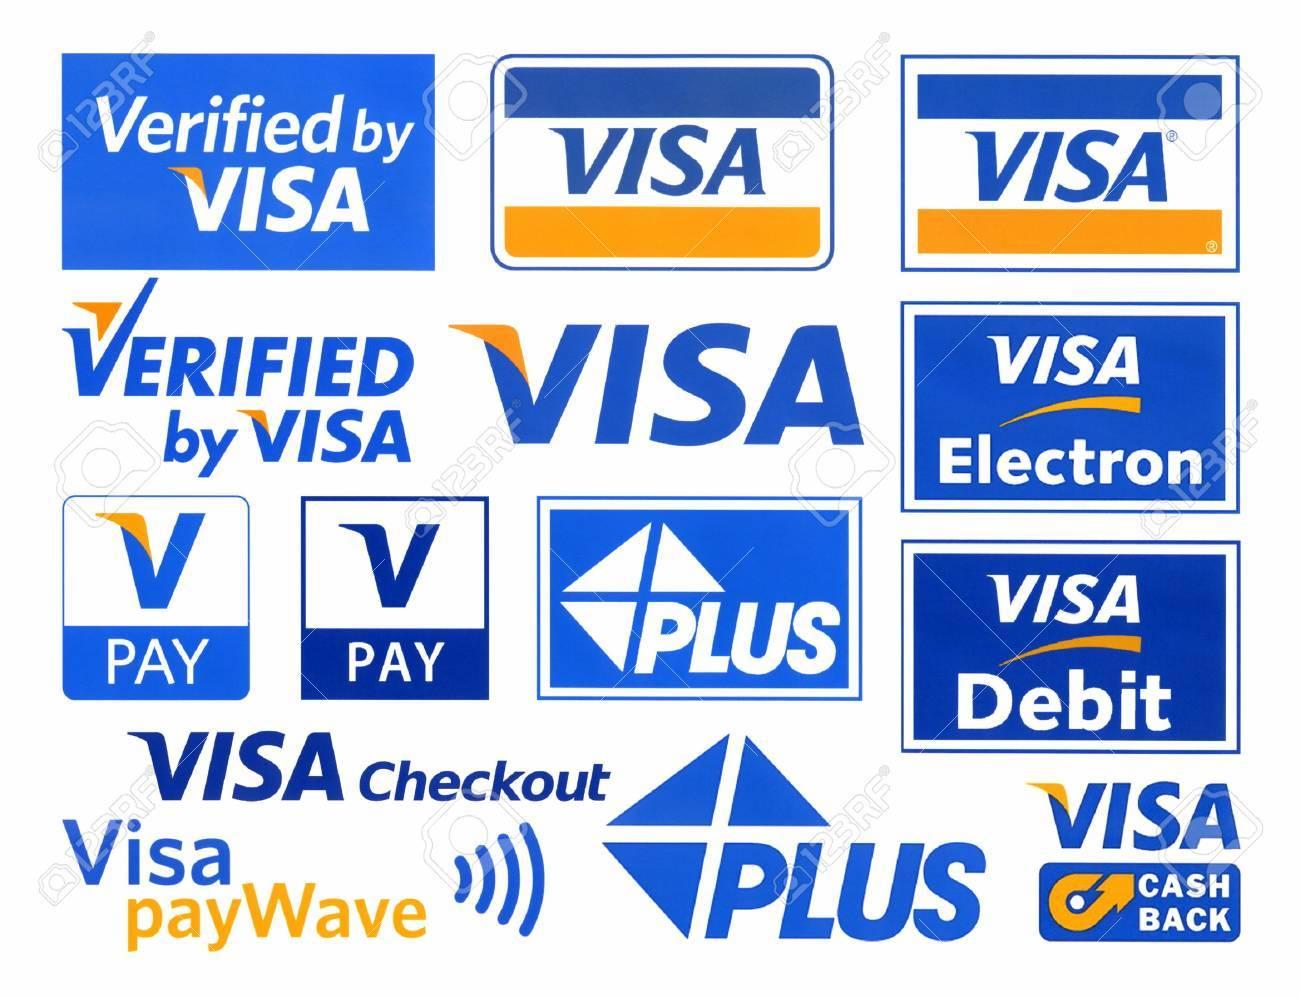 Verschiedene Logos Des Zahlungssystems VISA, Gedruckt Auf Weißem